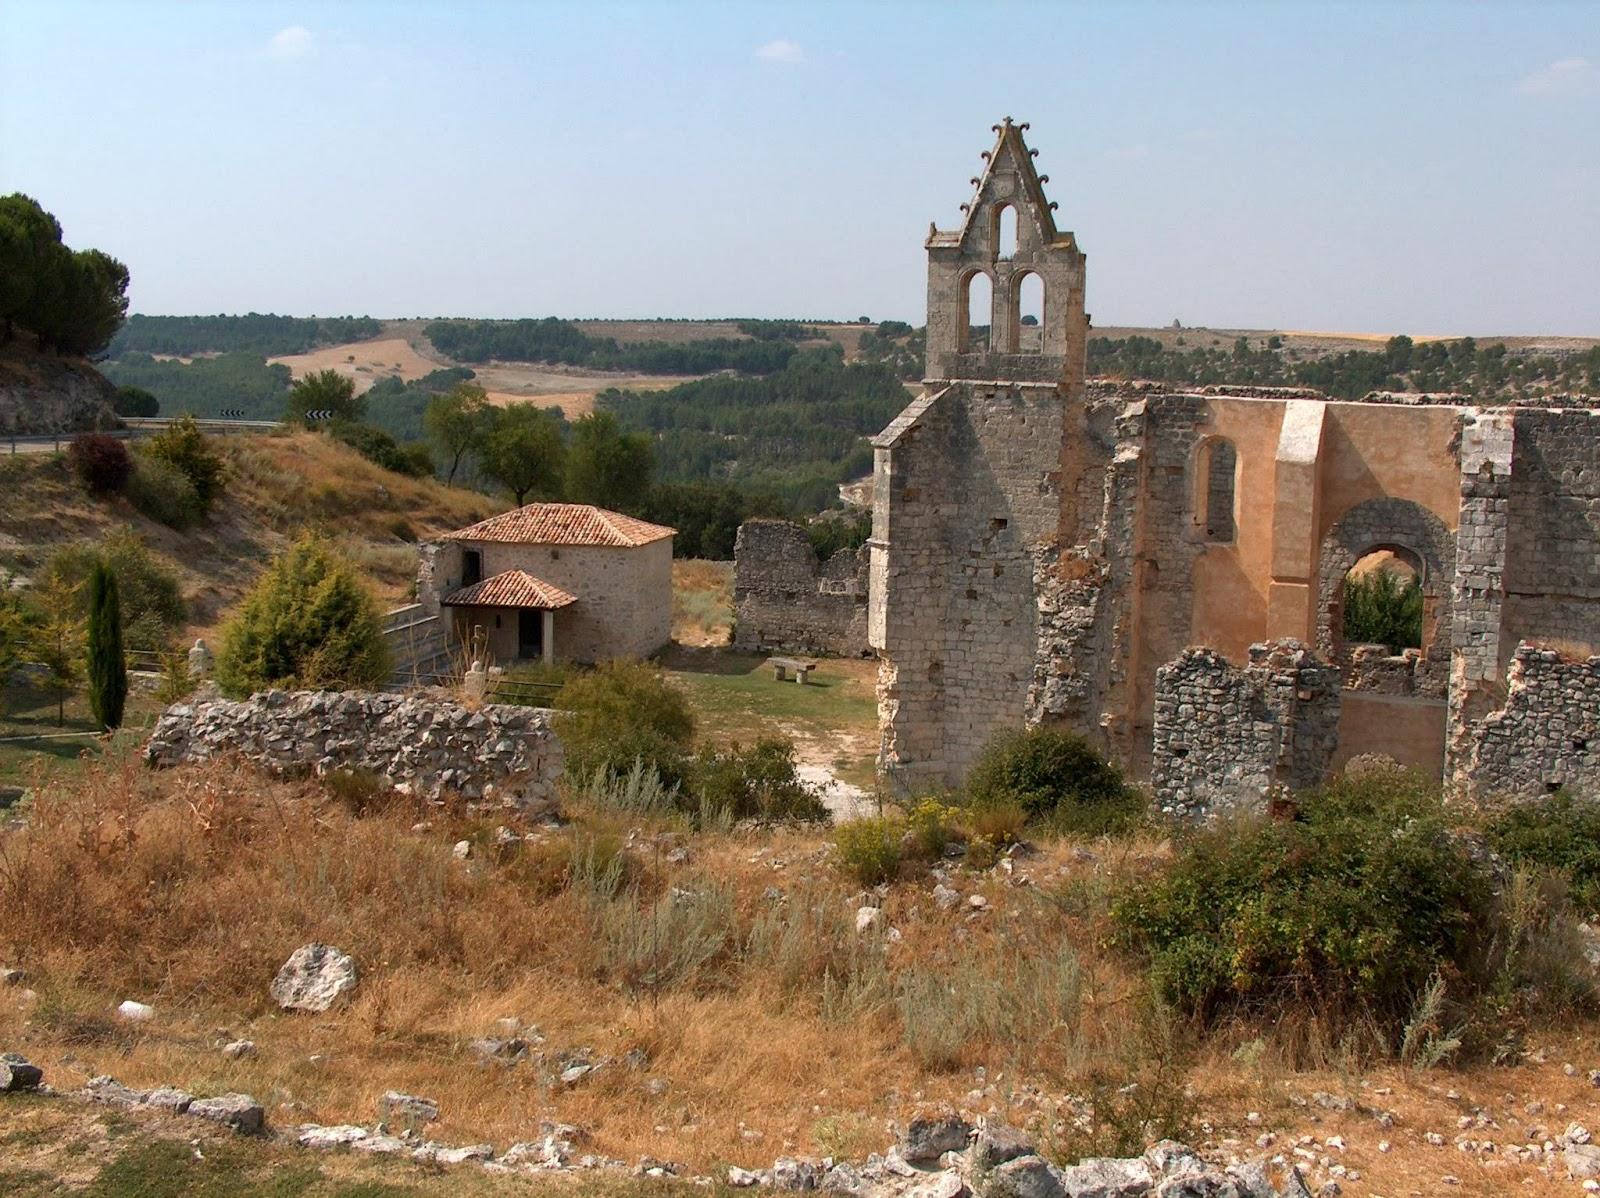 monasterio derruido de Cogeces del Monte